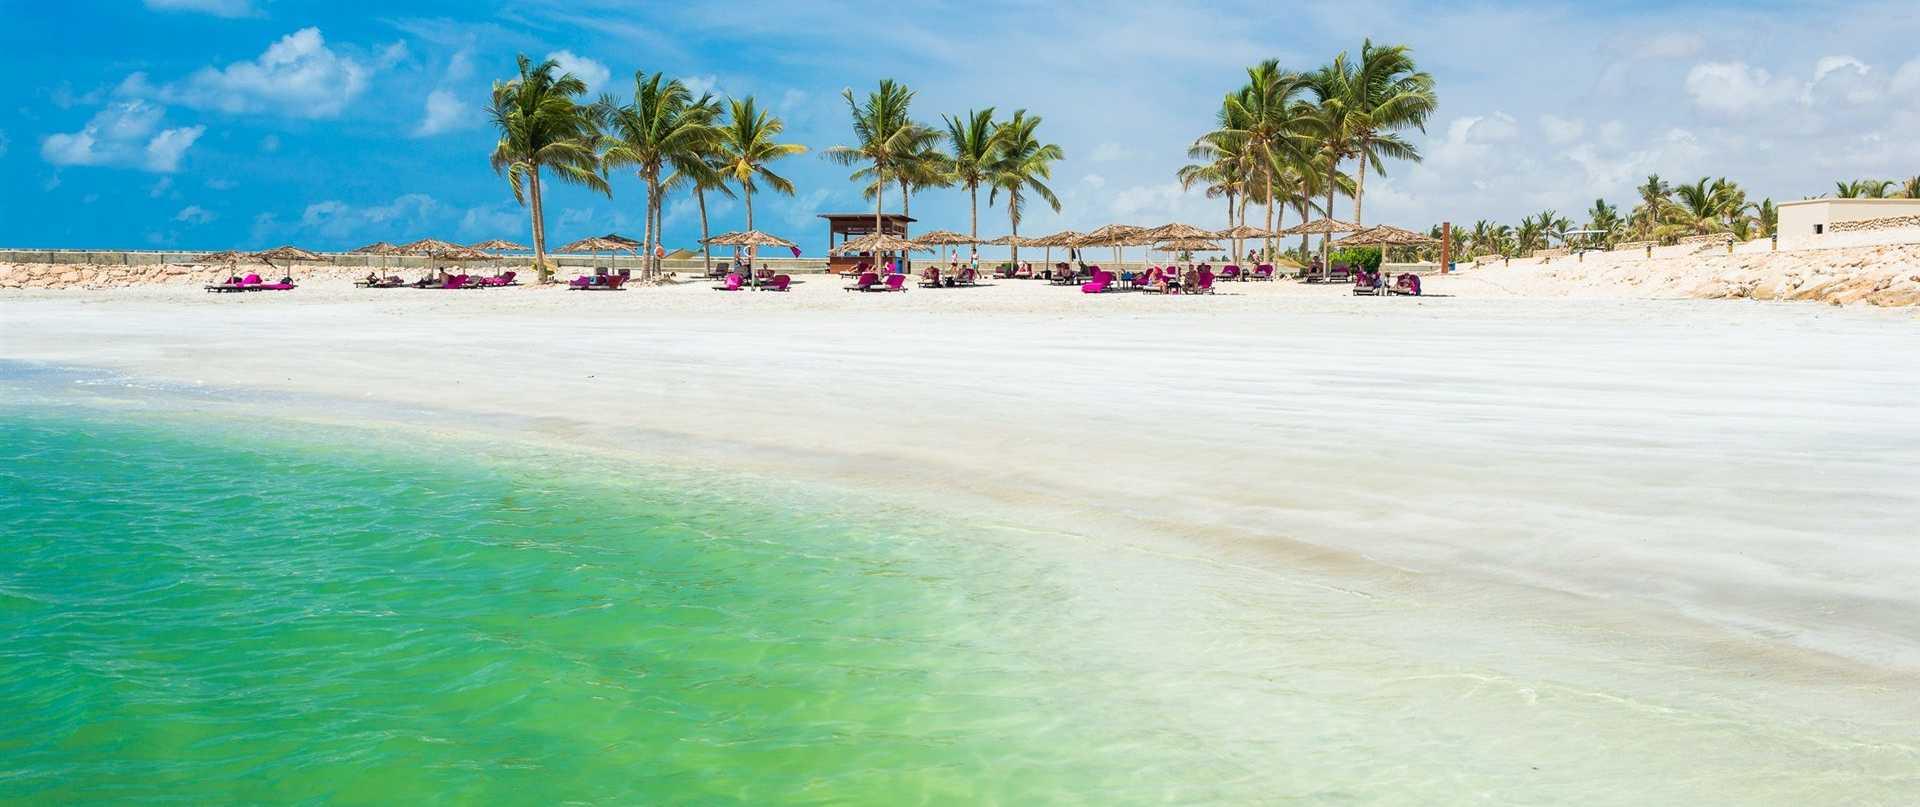 salalah_beach_juweira-hotel.jpg.1920x807_default